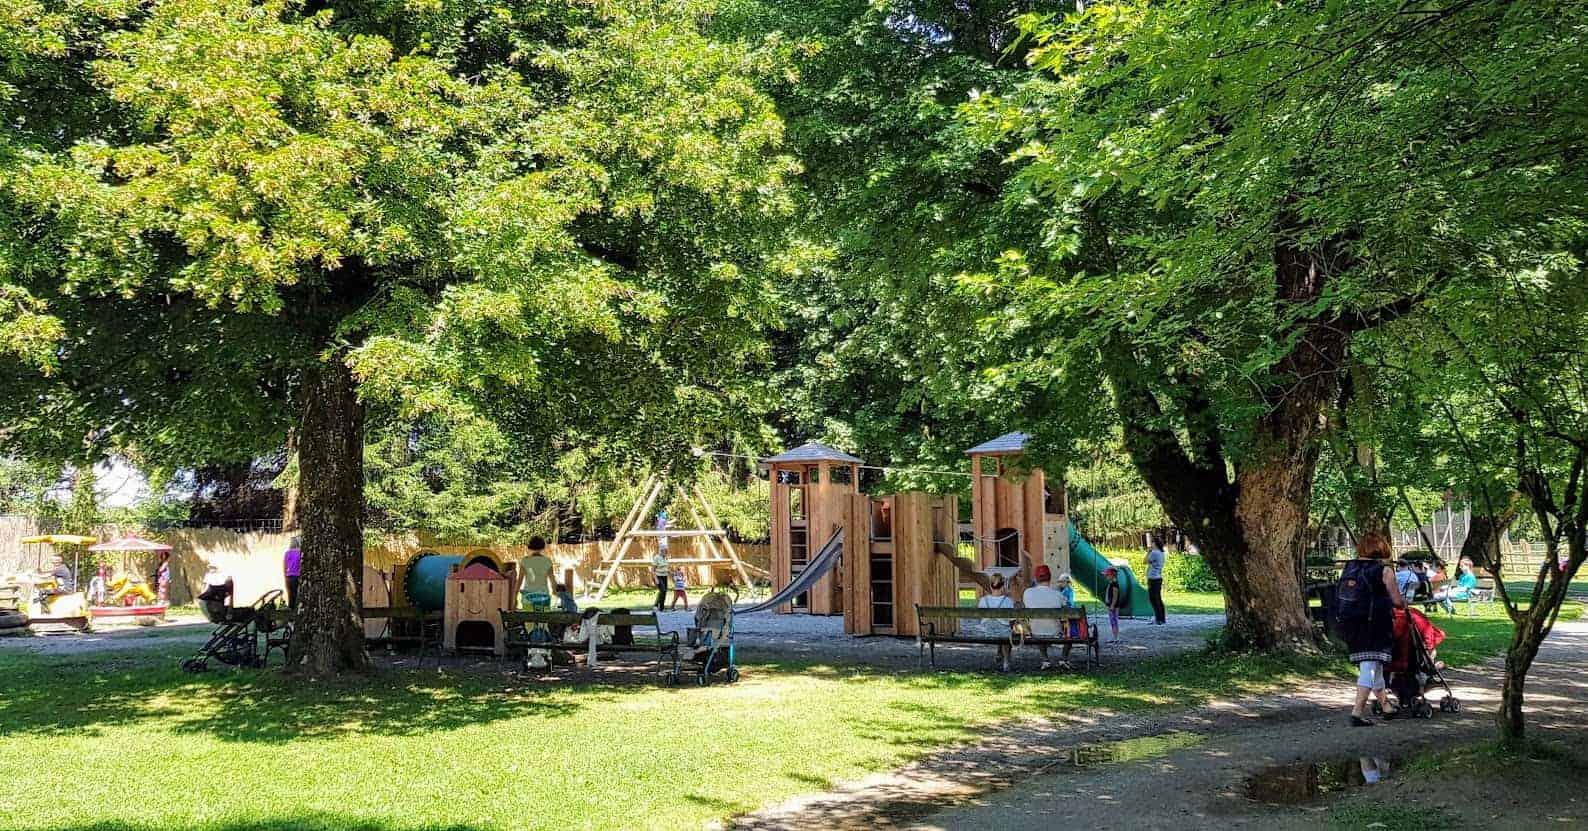 Kinderspielplatz & Kleintierzoo im Tierpark Rosegg - Ausflugsziel für Familien im Rosental, Kärnten